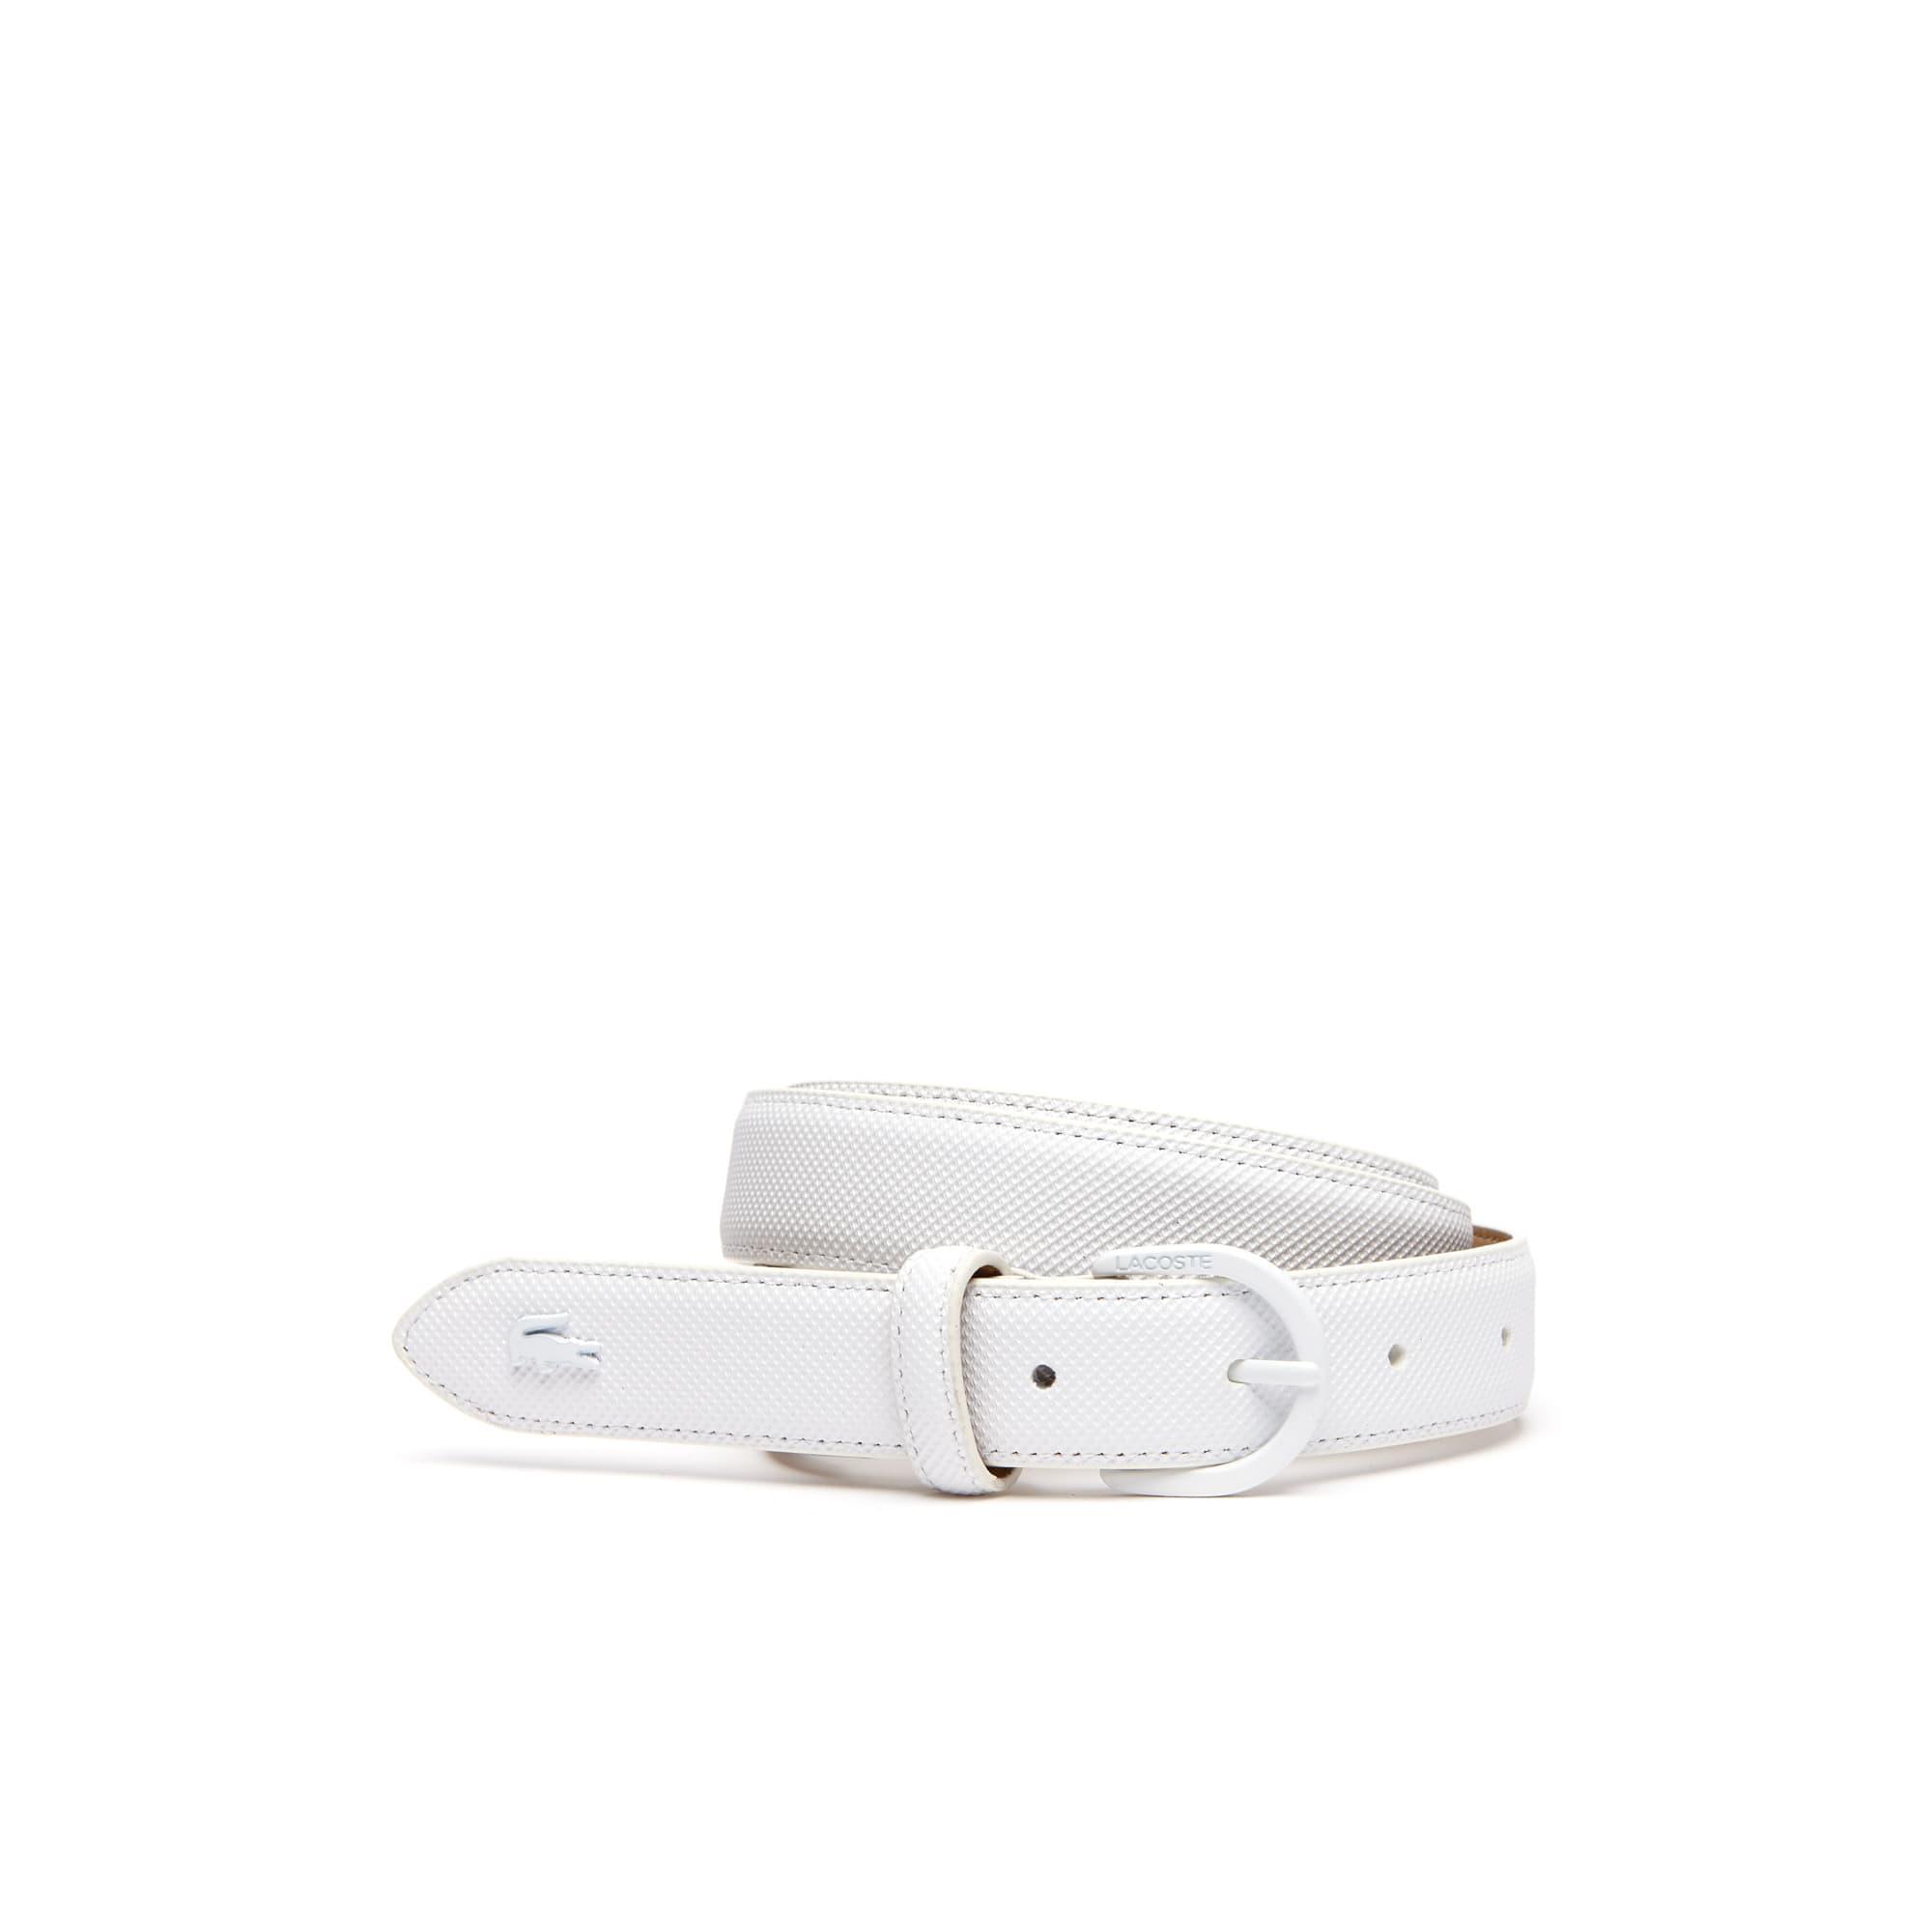 Women's L.12.12 Concept Monochrome Piqué Tongue Buckle Belt